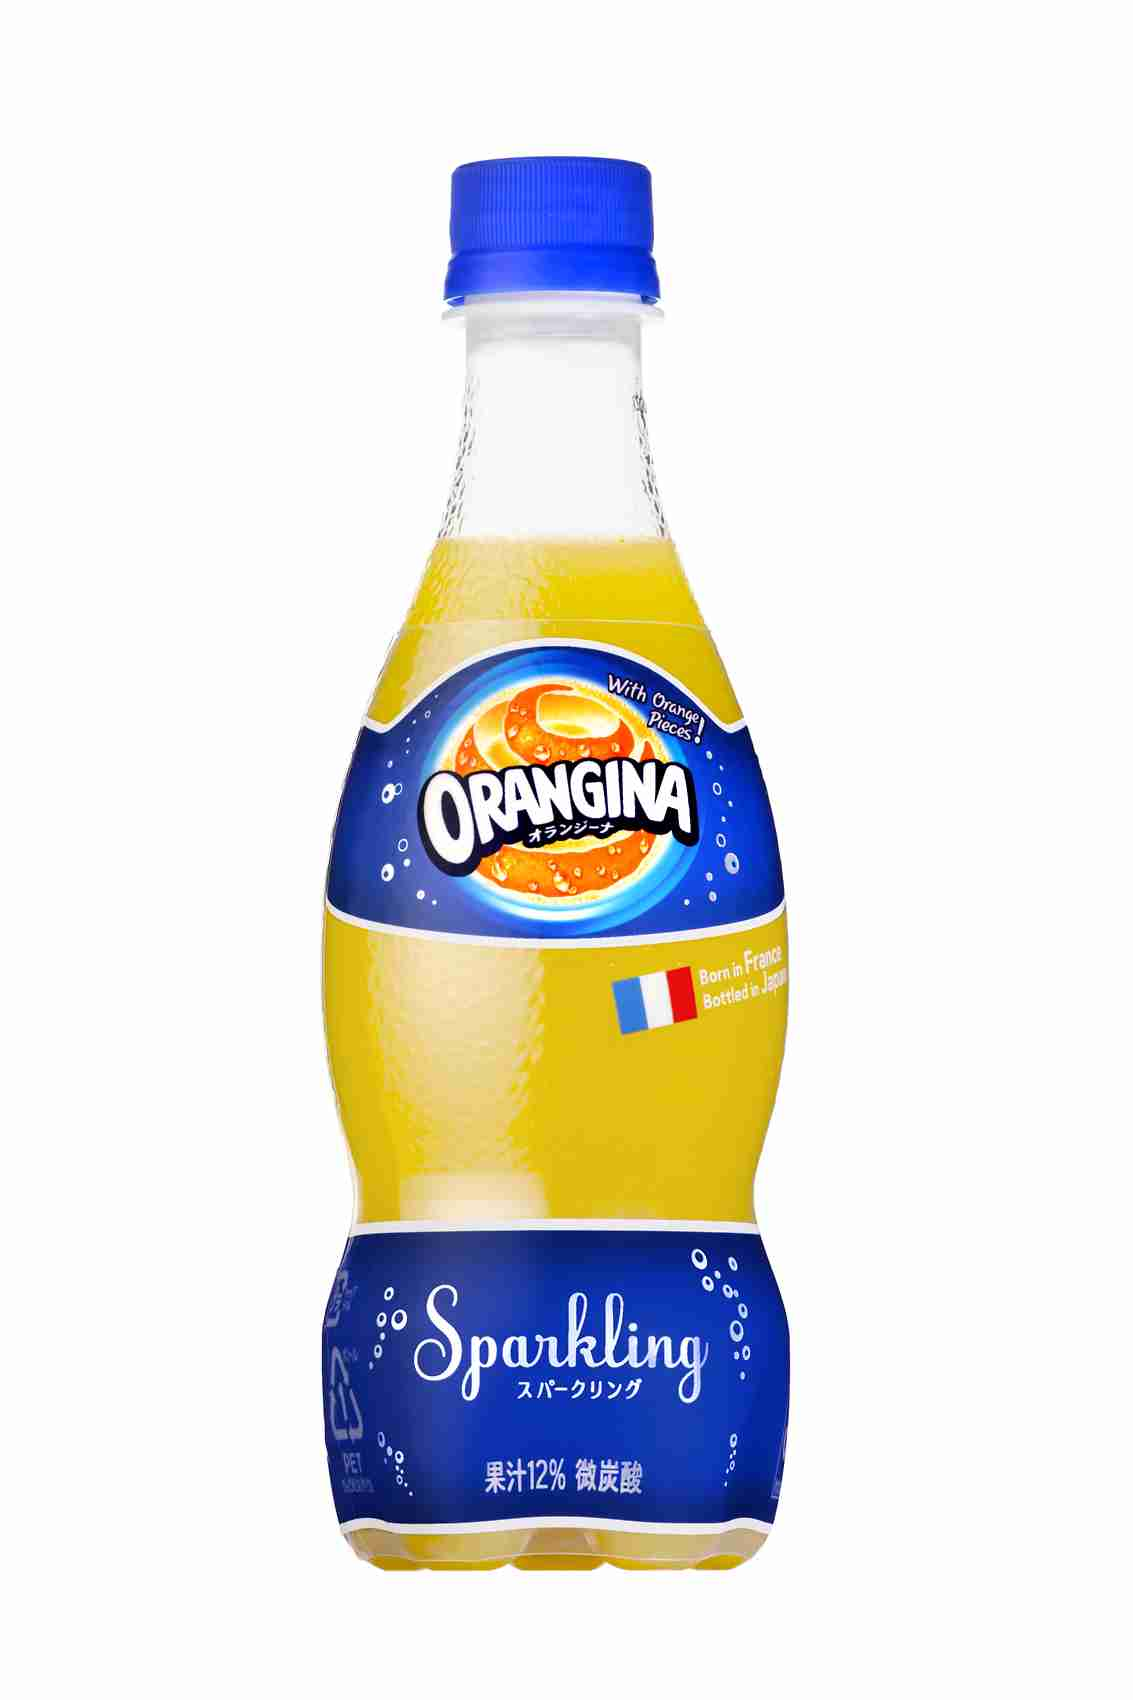 あなたの好きなペットボトル飲料は何ですか?